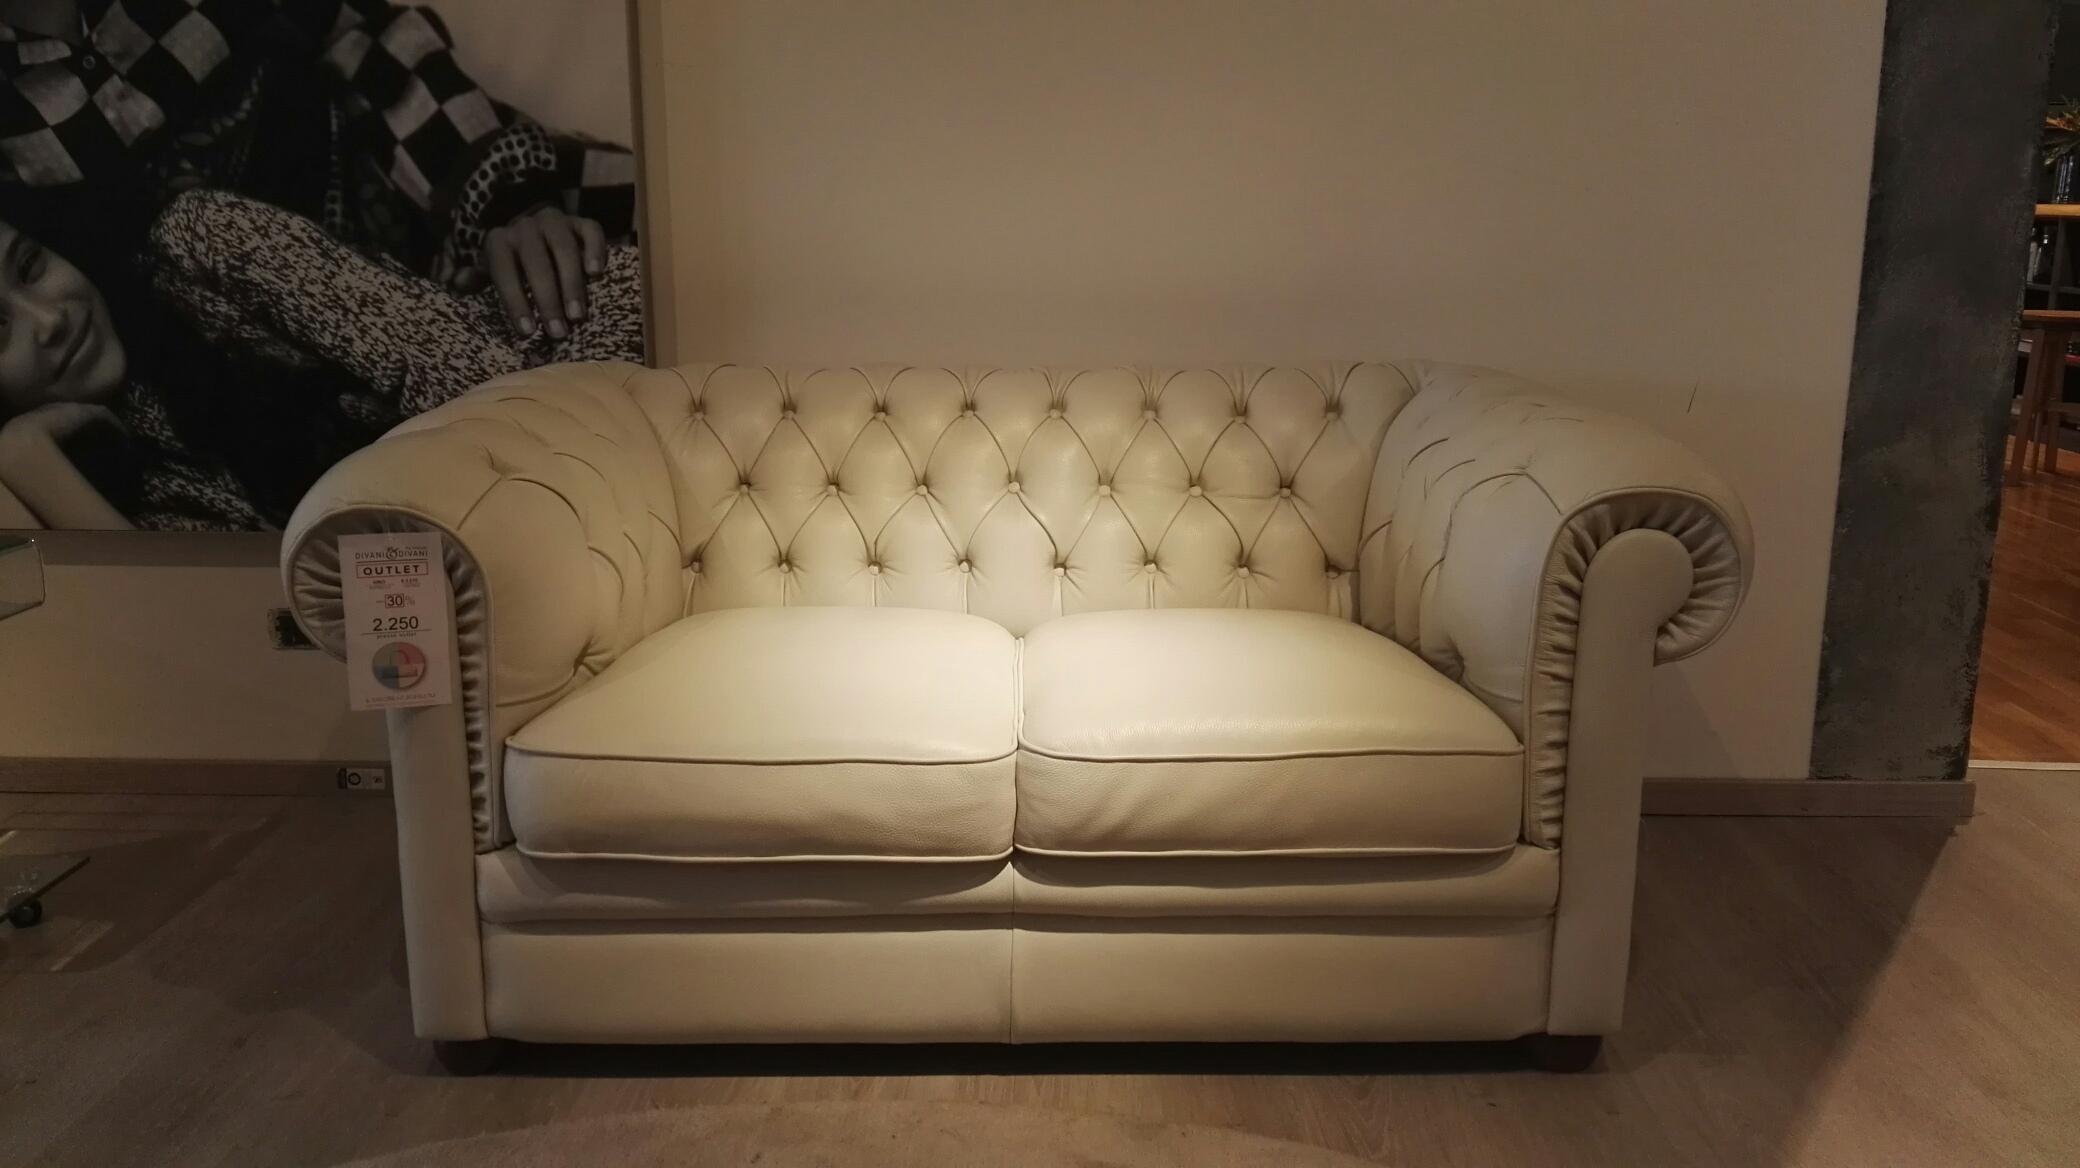 Divano in pelle natuzzi king capitonn bianco scontato del for Outlet del divano